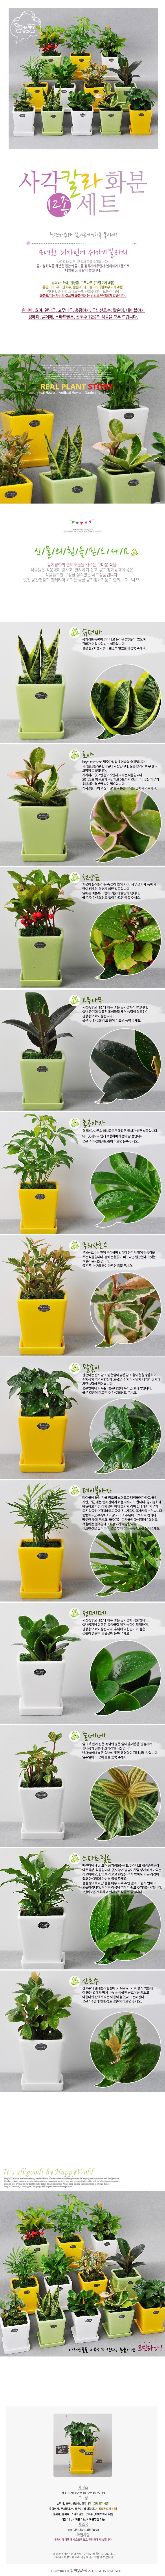 [행복한세상]공기정화식물 사각컬러화분12p세트 - 지승, 100,000원, 허브/다육/선인장, 공기정화식물